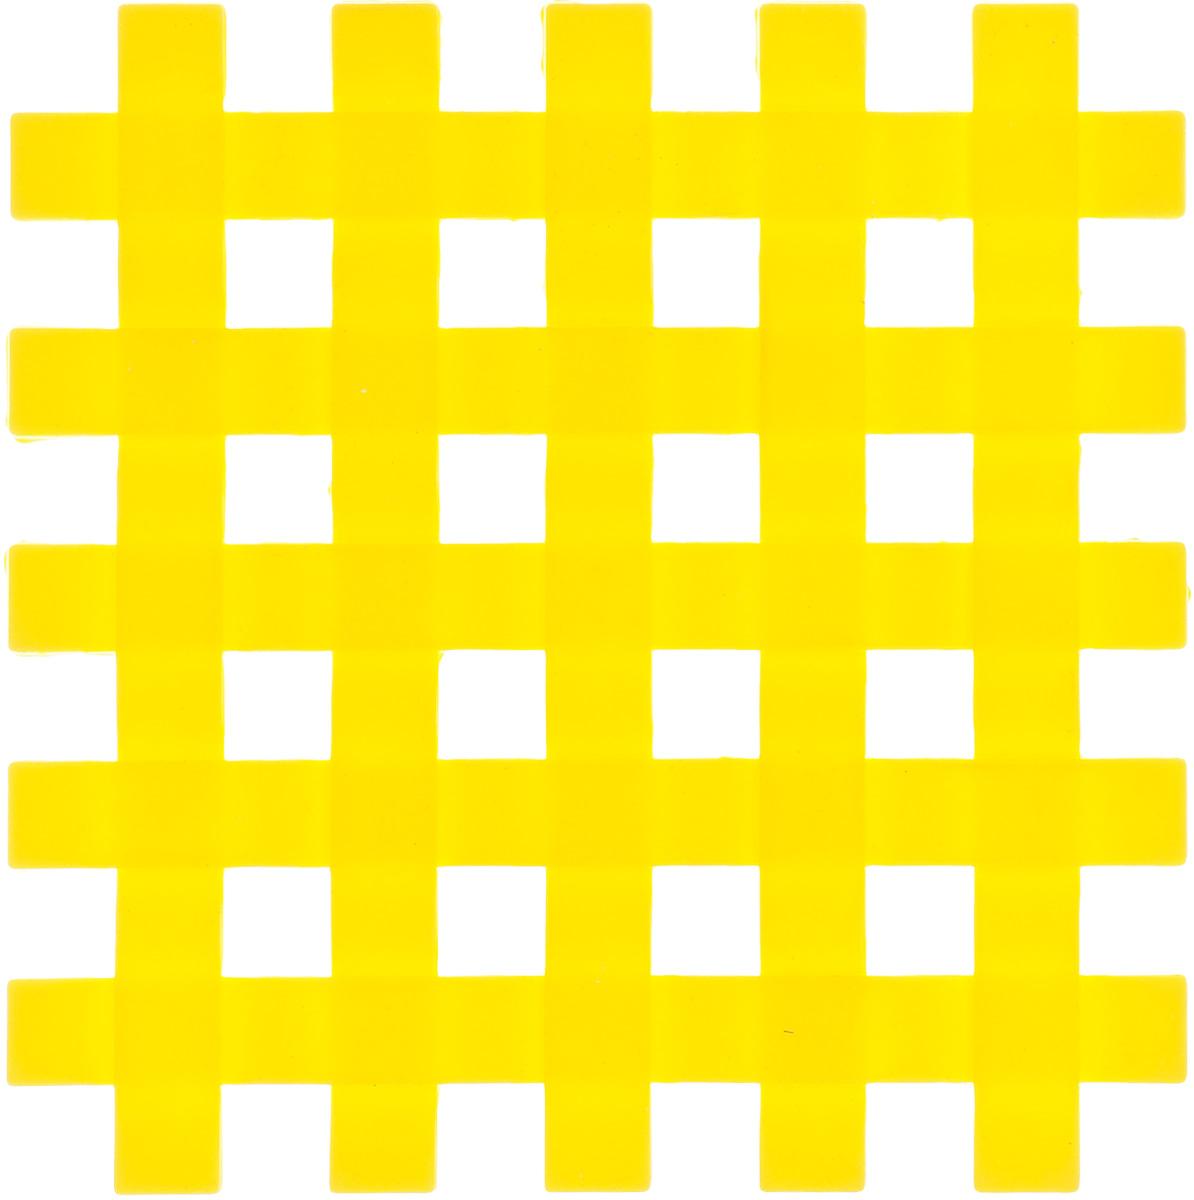 Подставка под горячее Mayer & Boch, силиконовая, цвет: желтый, 17 х 17 смVT-1520(SR)Подставка под горячее Mayer & Boch изготовлена из силикона и оформлена в виде сетки. Материал позволяет выдерживать высокие температуры и не скользит по поверхности стола.Каждая хозяйка знает, что подставка под горячее - это незаменимый и очень полезный аксессуар на каждой кухне. Ваш стол будет не только украшен яркой и оригинальной подставкой, но также вы сможете уберечь его от воздействия высоких температур.